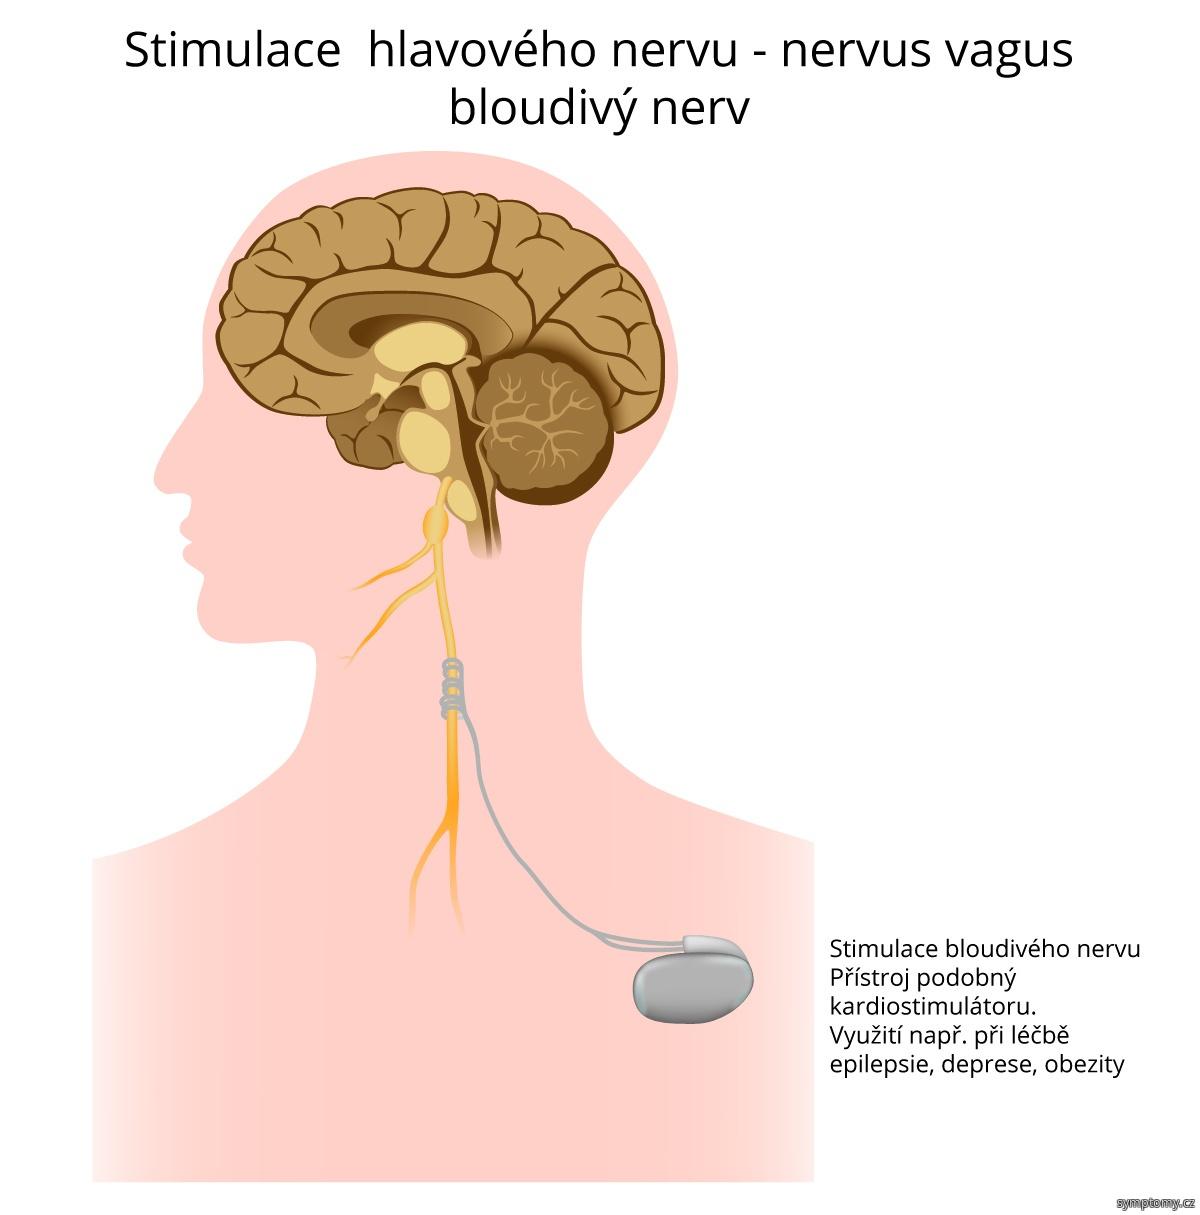 Stimulace hlavového nervu nervus vagus - bloudivý nerv